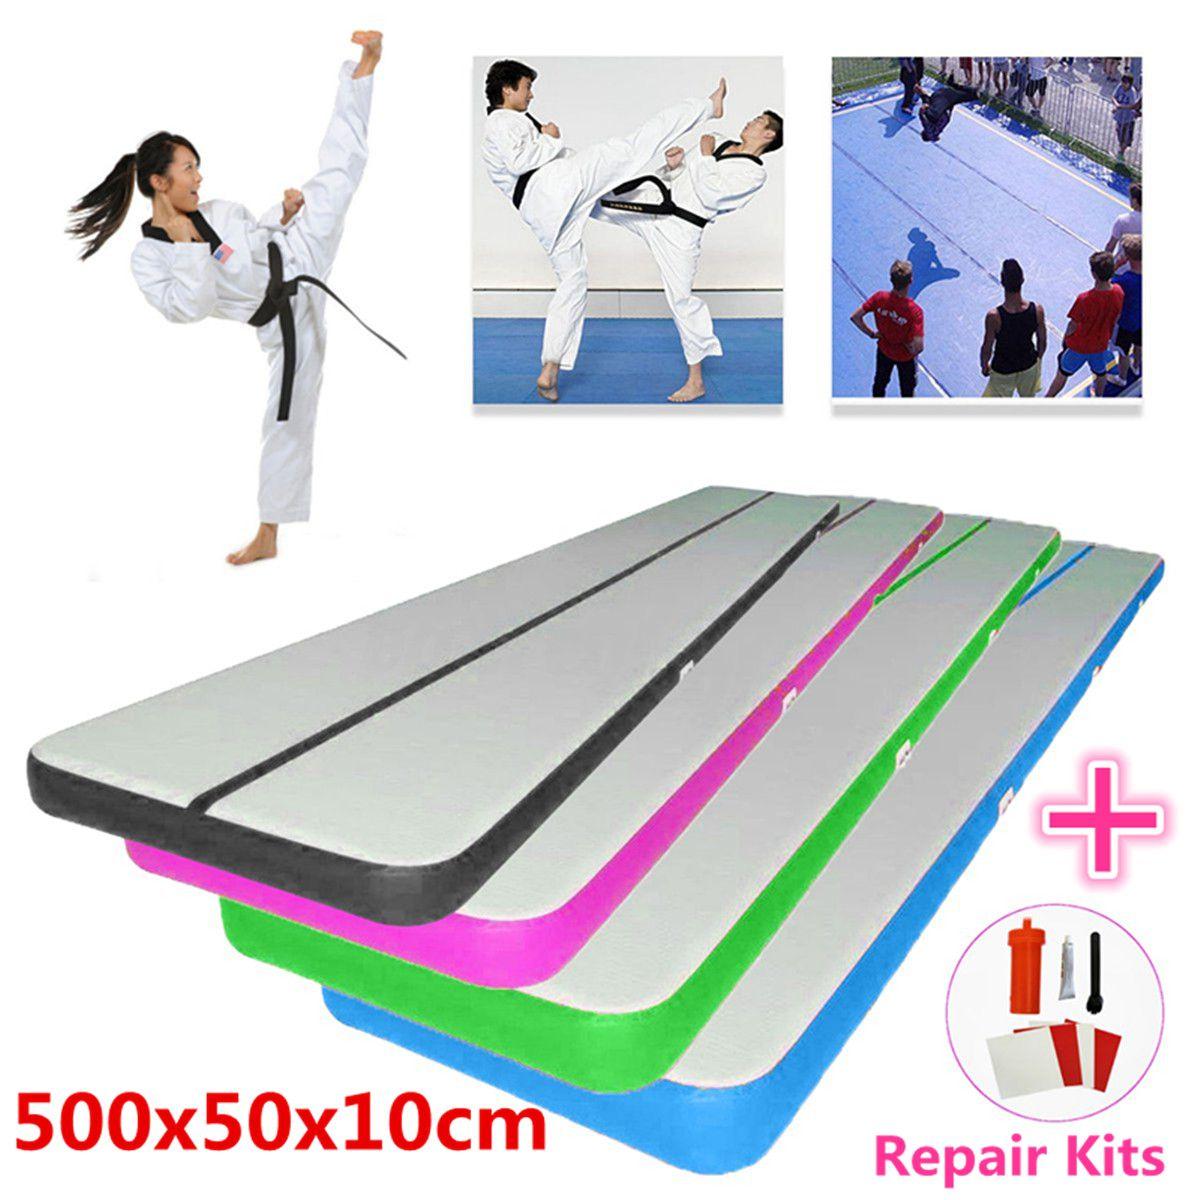 500x50x10 cm Airtrack Air Track Boden Hause Aufblasbare Gymnastik Taumeln Matte GYM Aufblasbare Balance Ausrüstung Übung